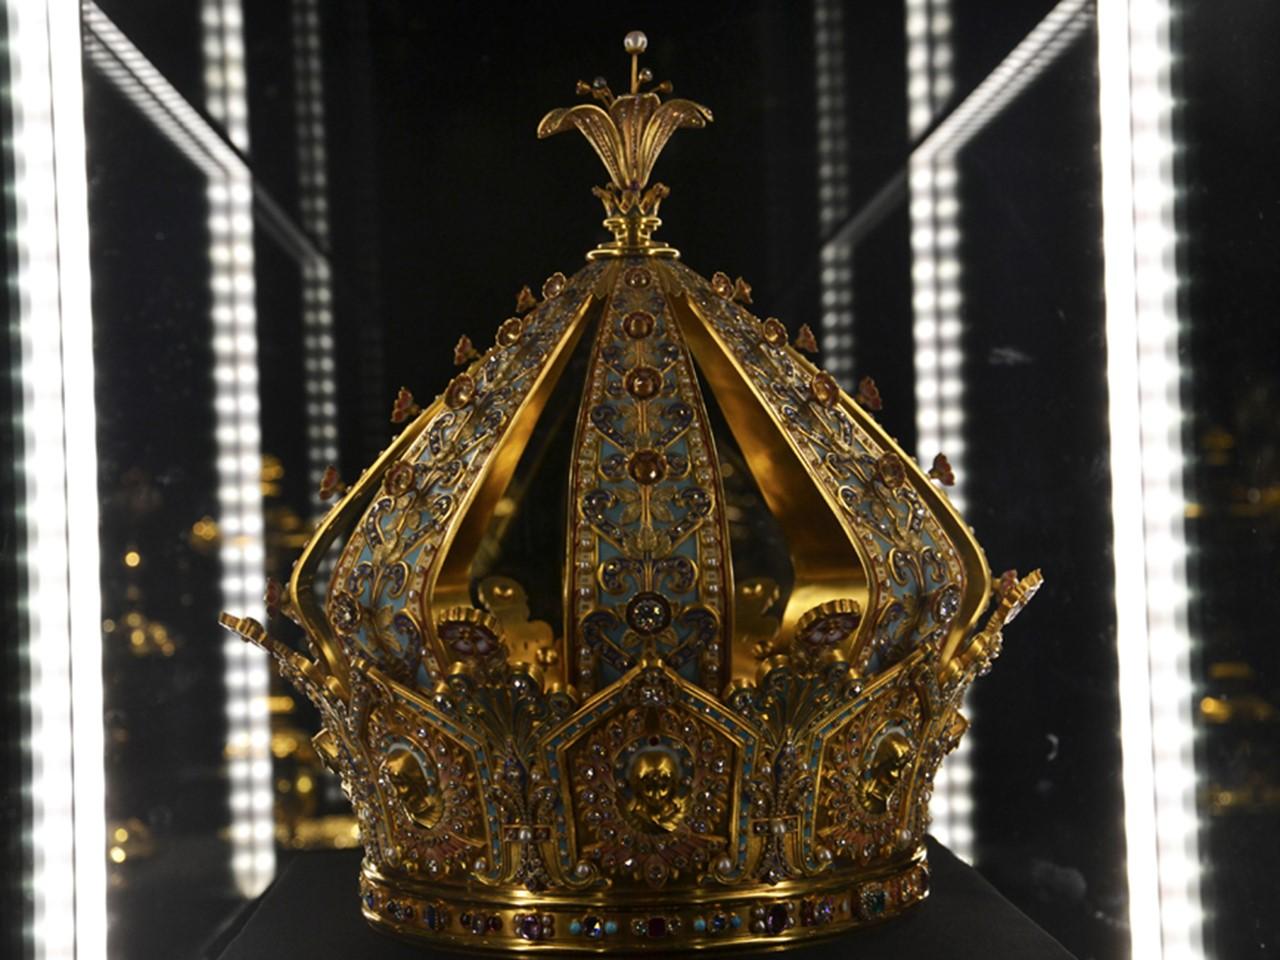 La couronne de la Vierge, estimée avec le calice et l'anneau également volés, à moins d'un million d'euros - DR